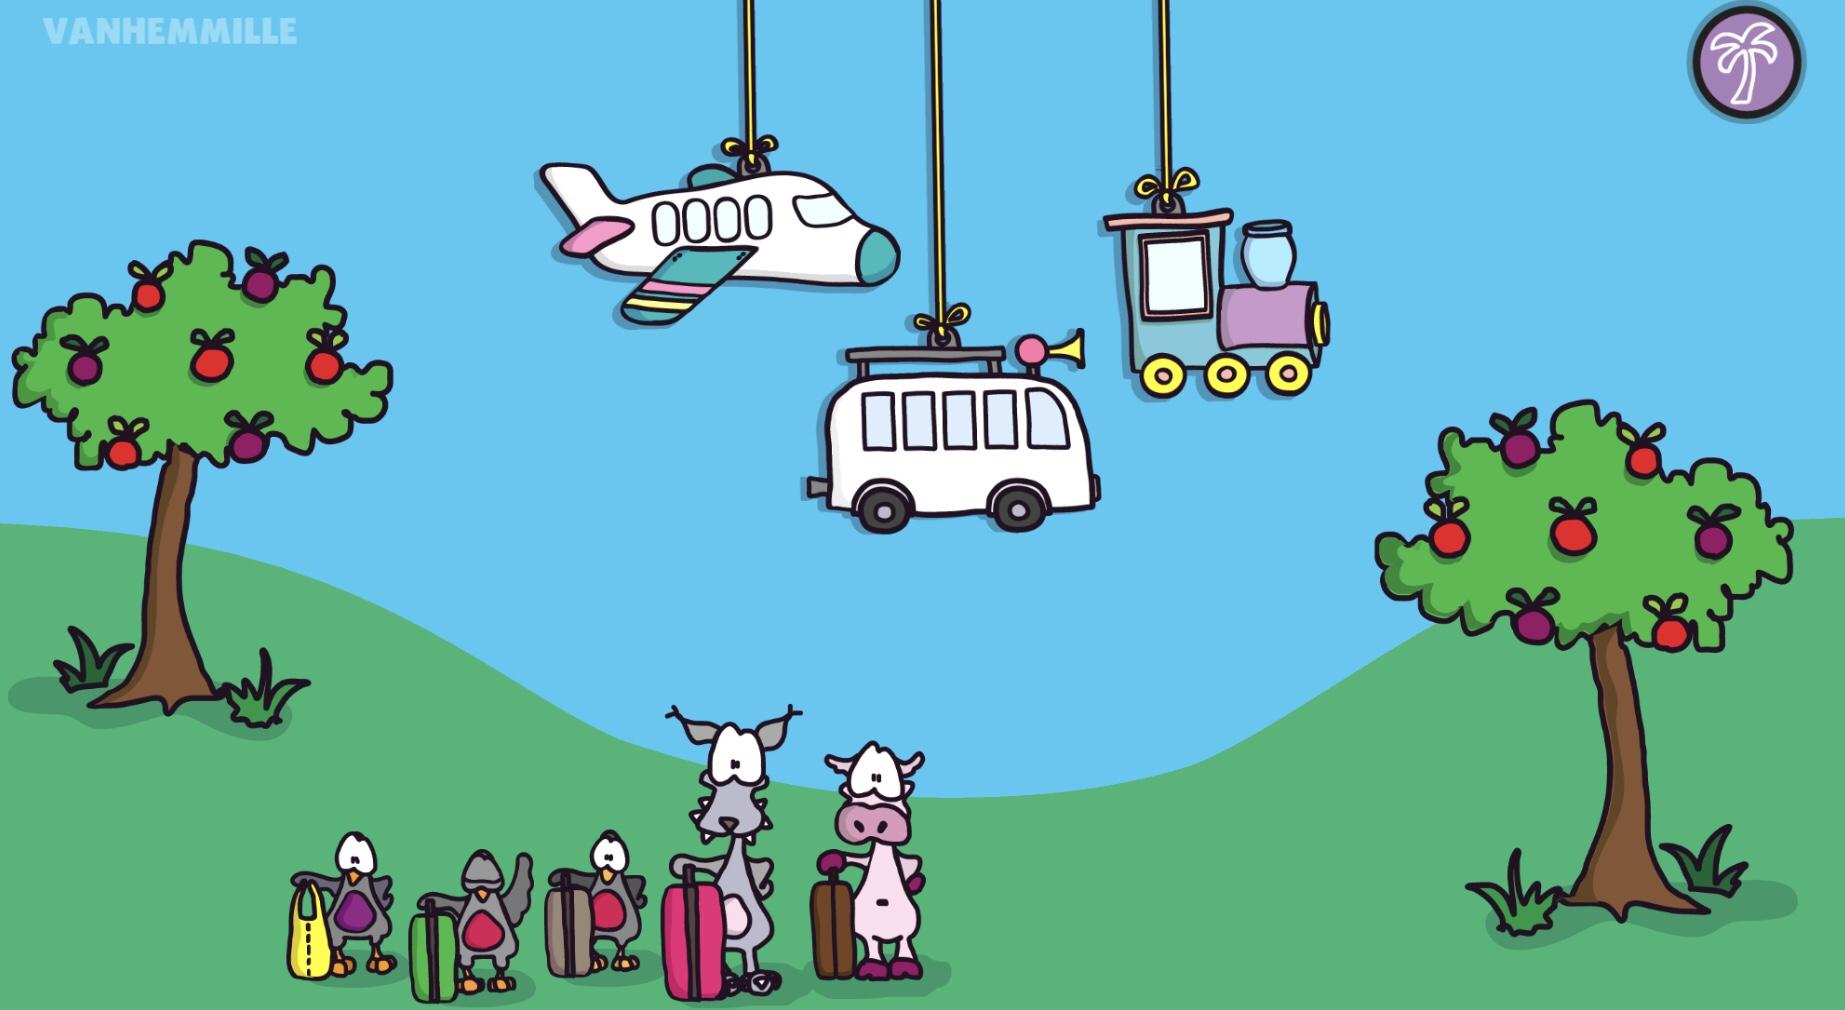 lastenpelejä offline-tilassa